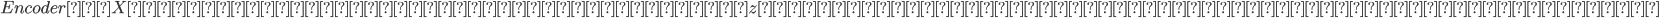 {\displaystyle EncoderへXを入力します。そして潜在変数zのためのパラメータμおよびσを出力します。}